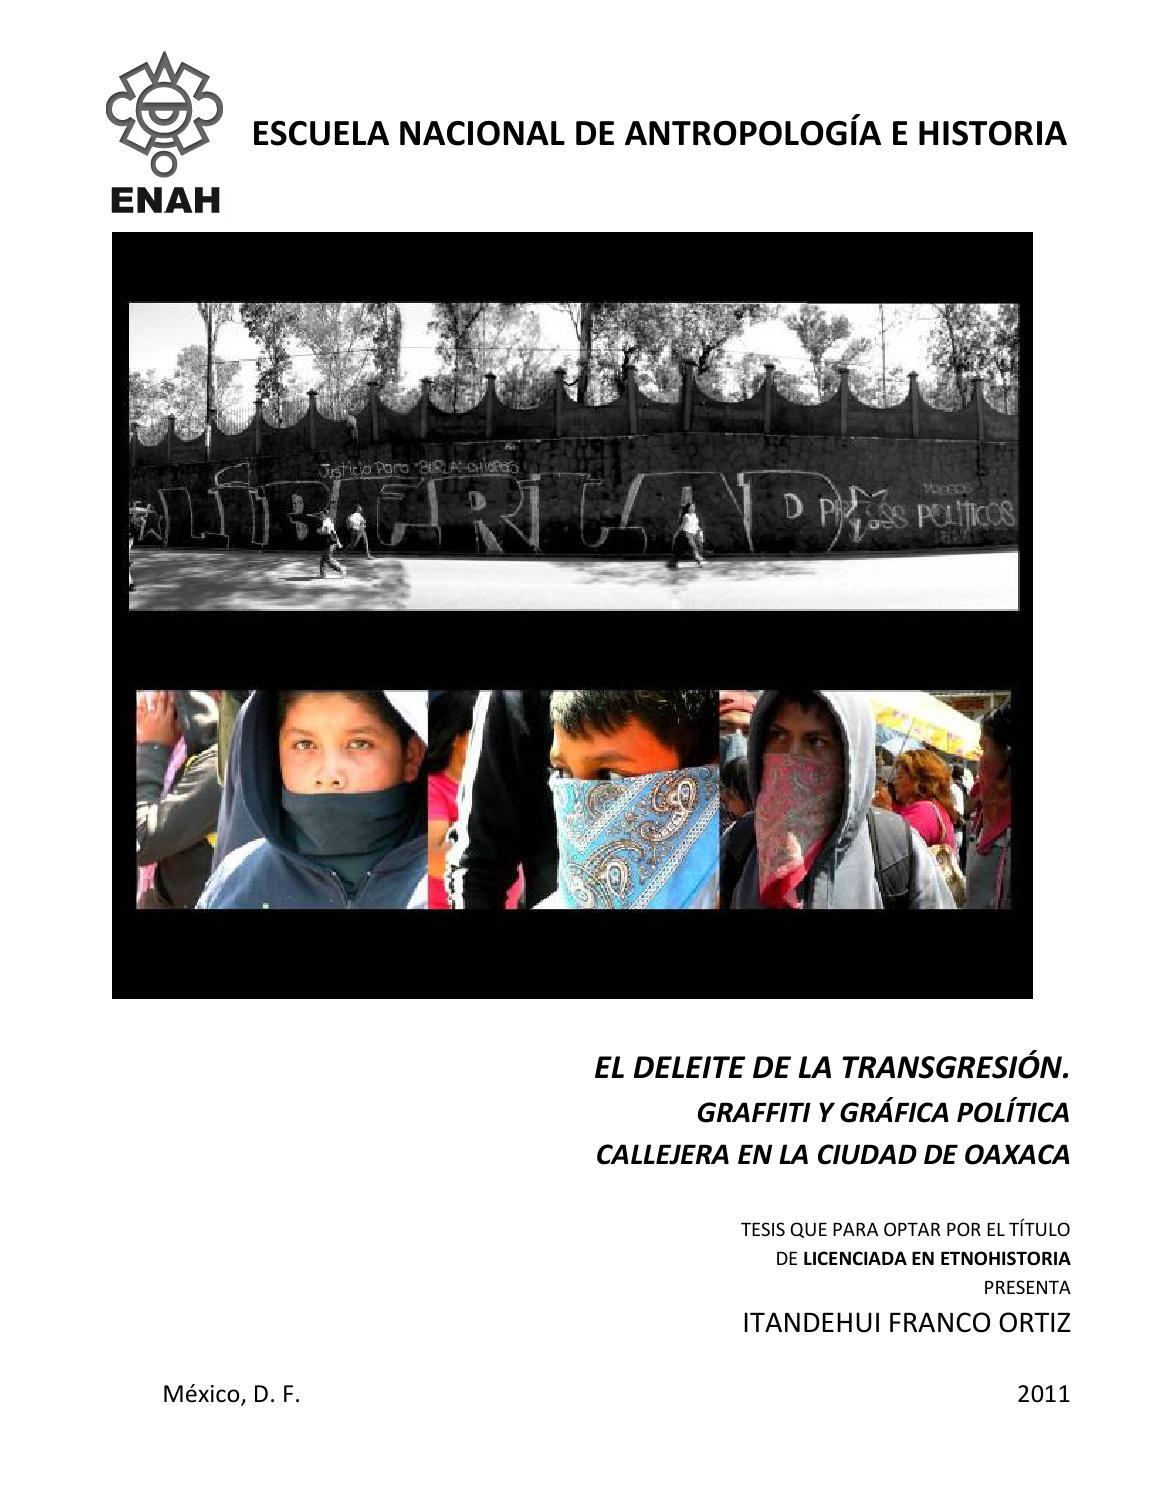 El deleite de la transgresión itandehui franco ortiz by Itandehui